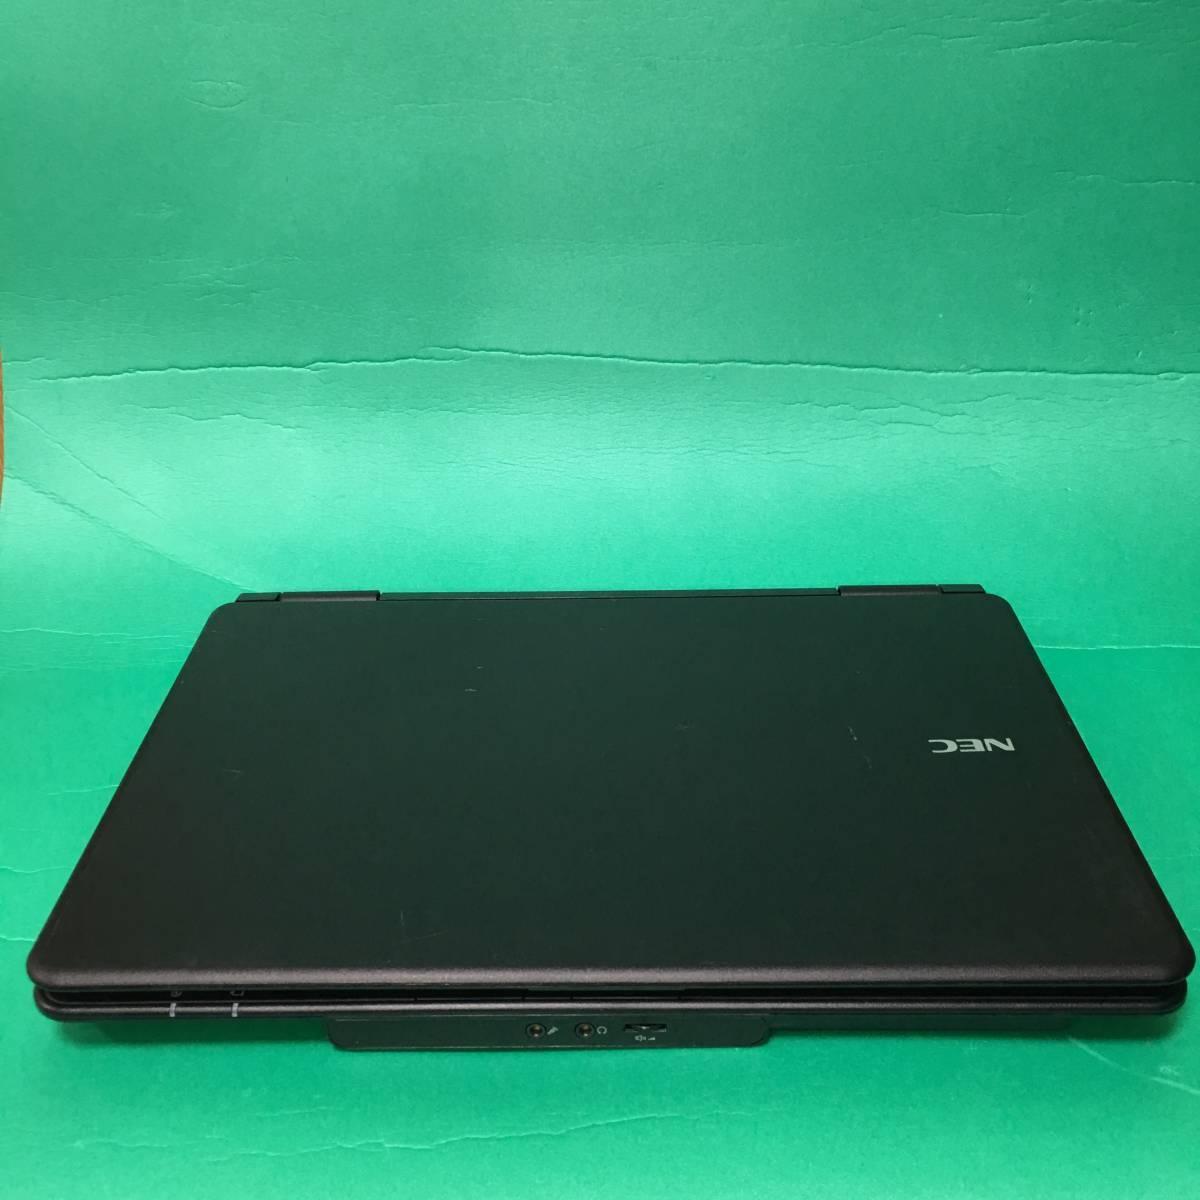 新品SSD240GB/Win7/ノートパソコン/NEC VersaPro J VL-C/Core i5 第二世代/Office 2016/メモリ4GB/15.6インチ/DVDスーパーマルチ/無線LAN_画像4